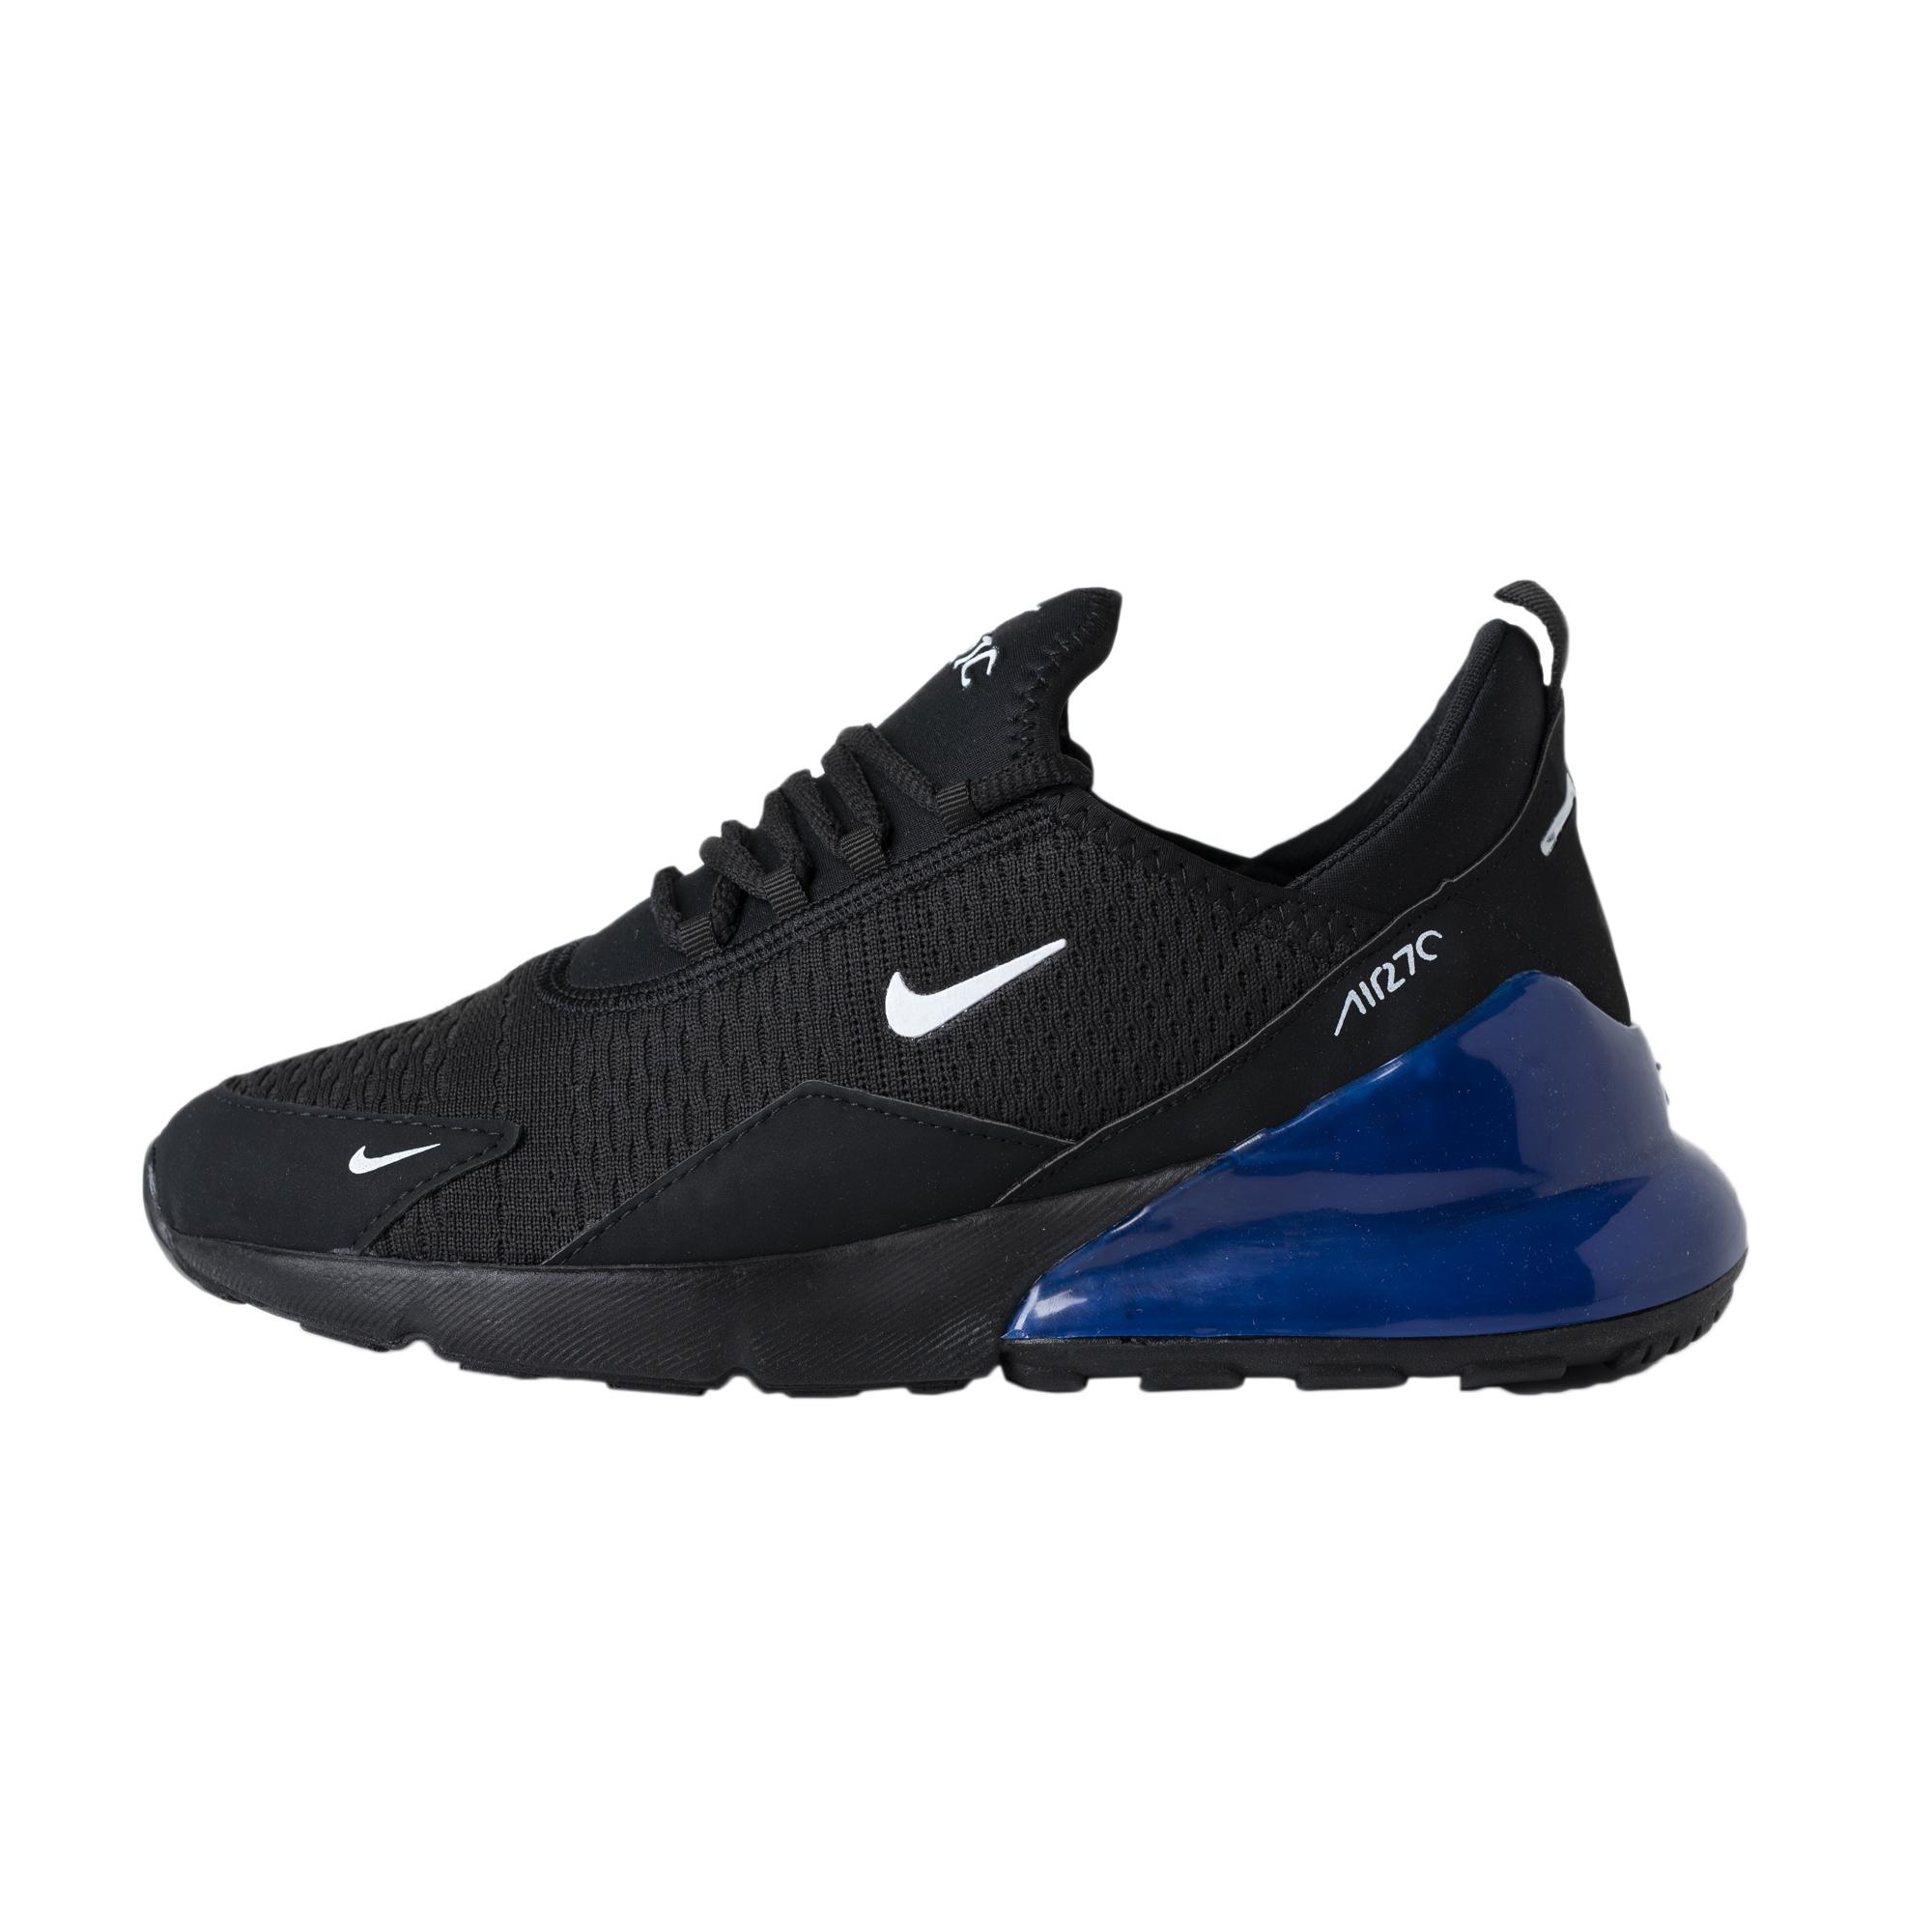 کفش راحتی مردانه کد 810-541